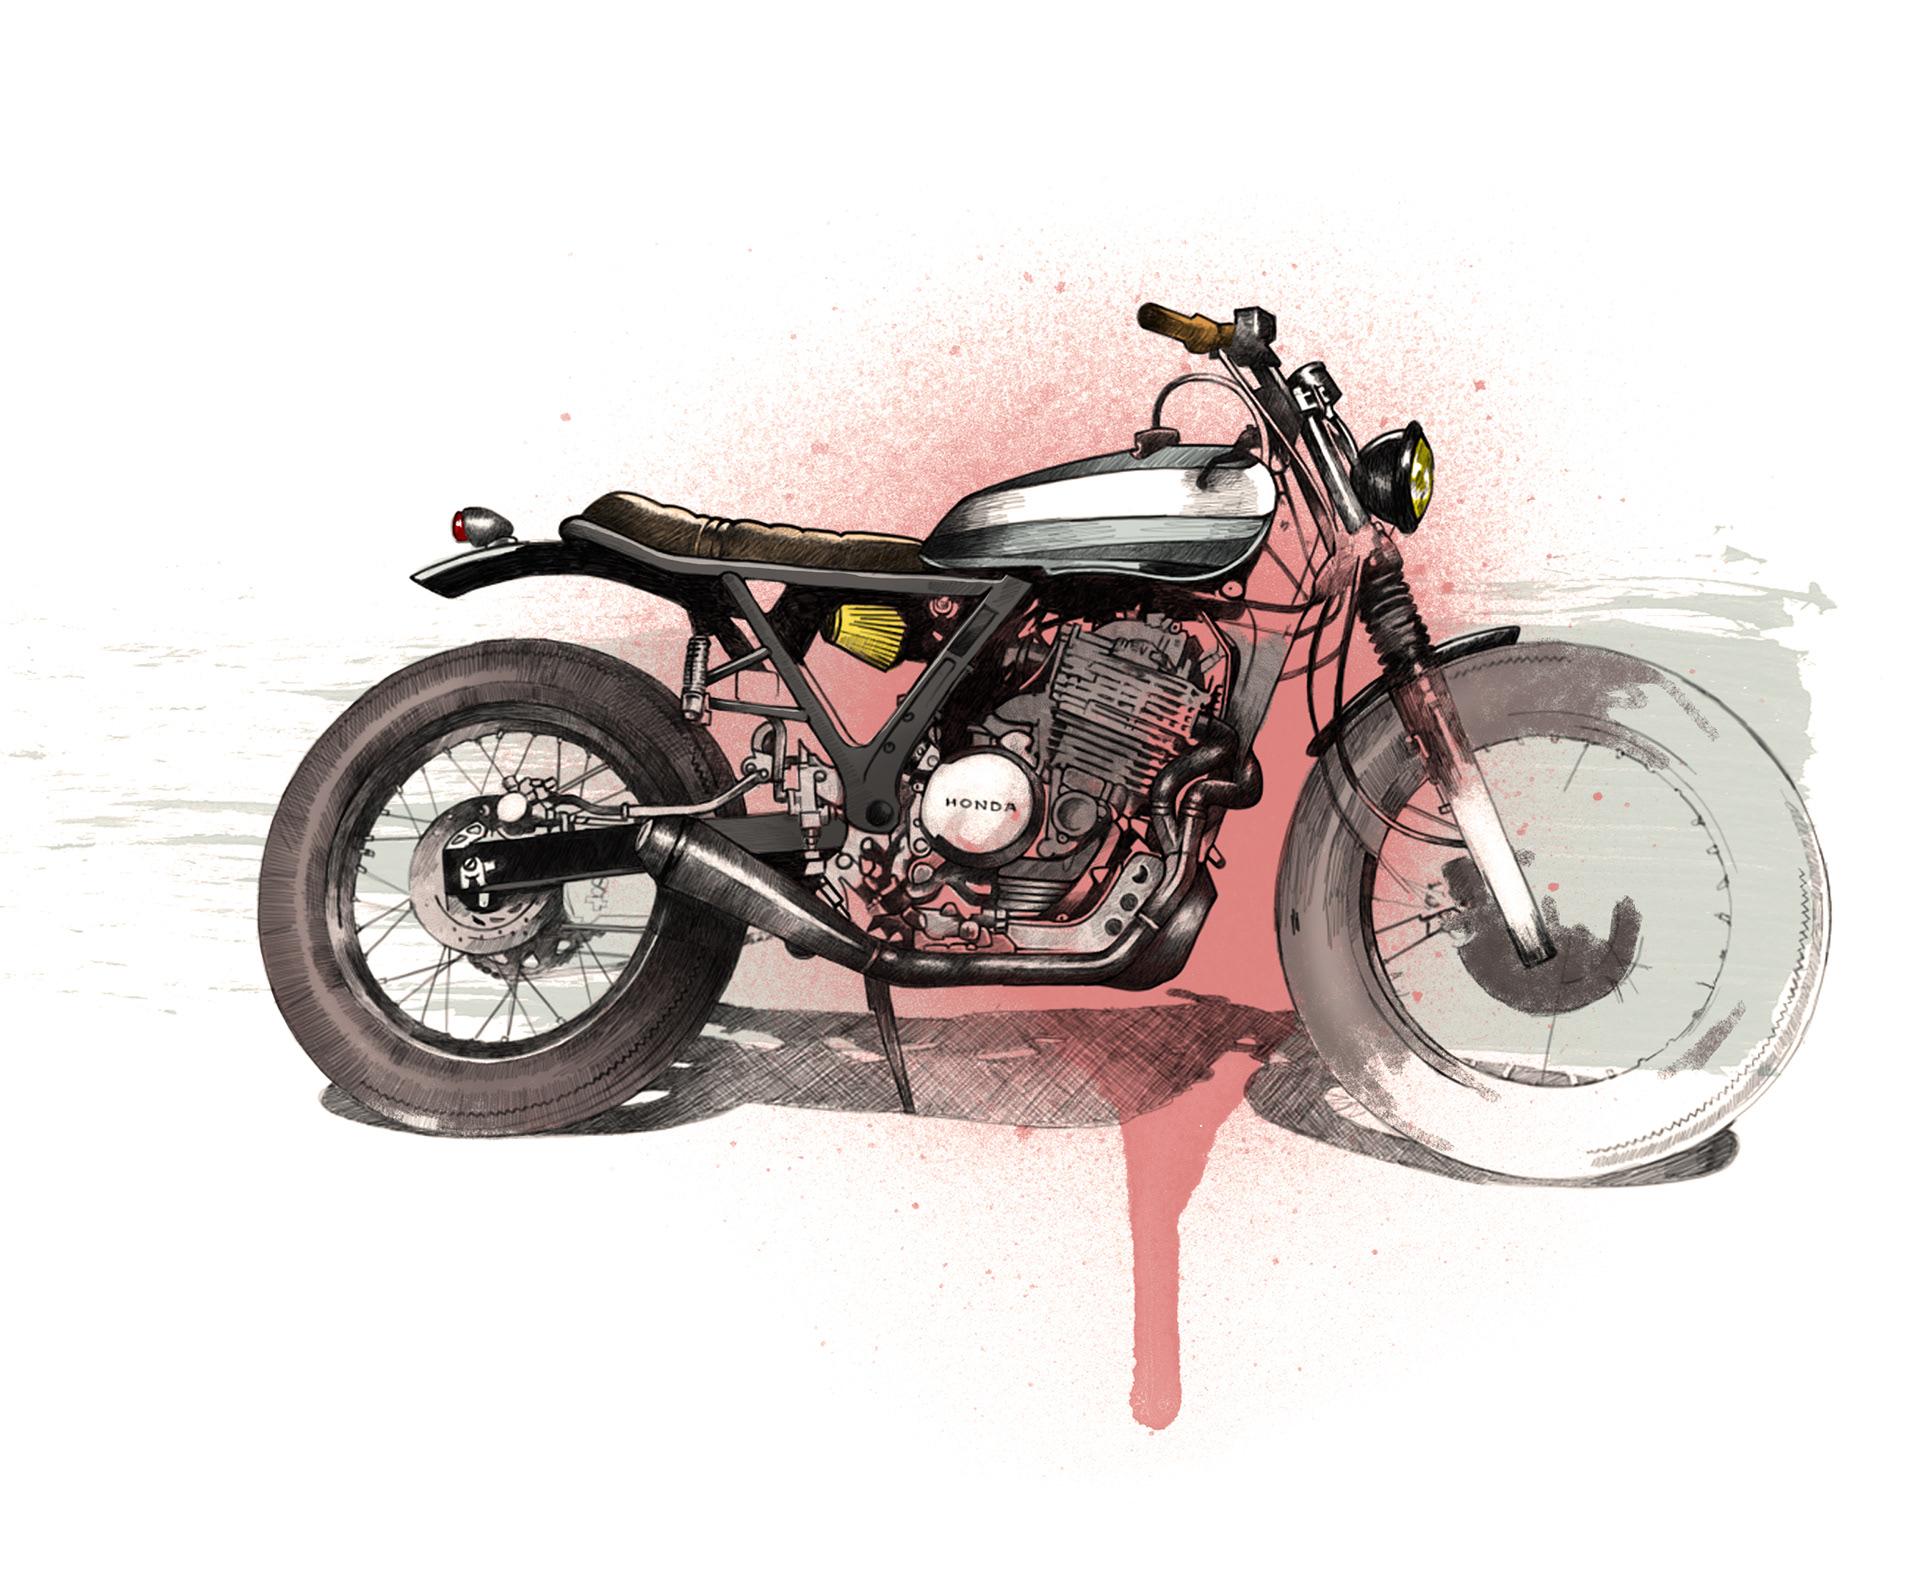 Oscar Llorens Illustration Cafe Racer Project